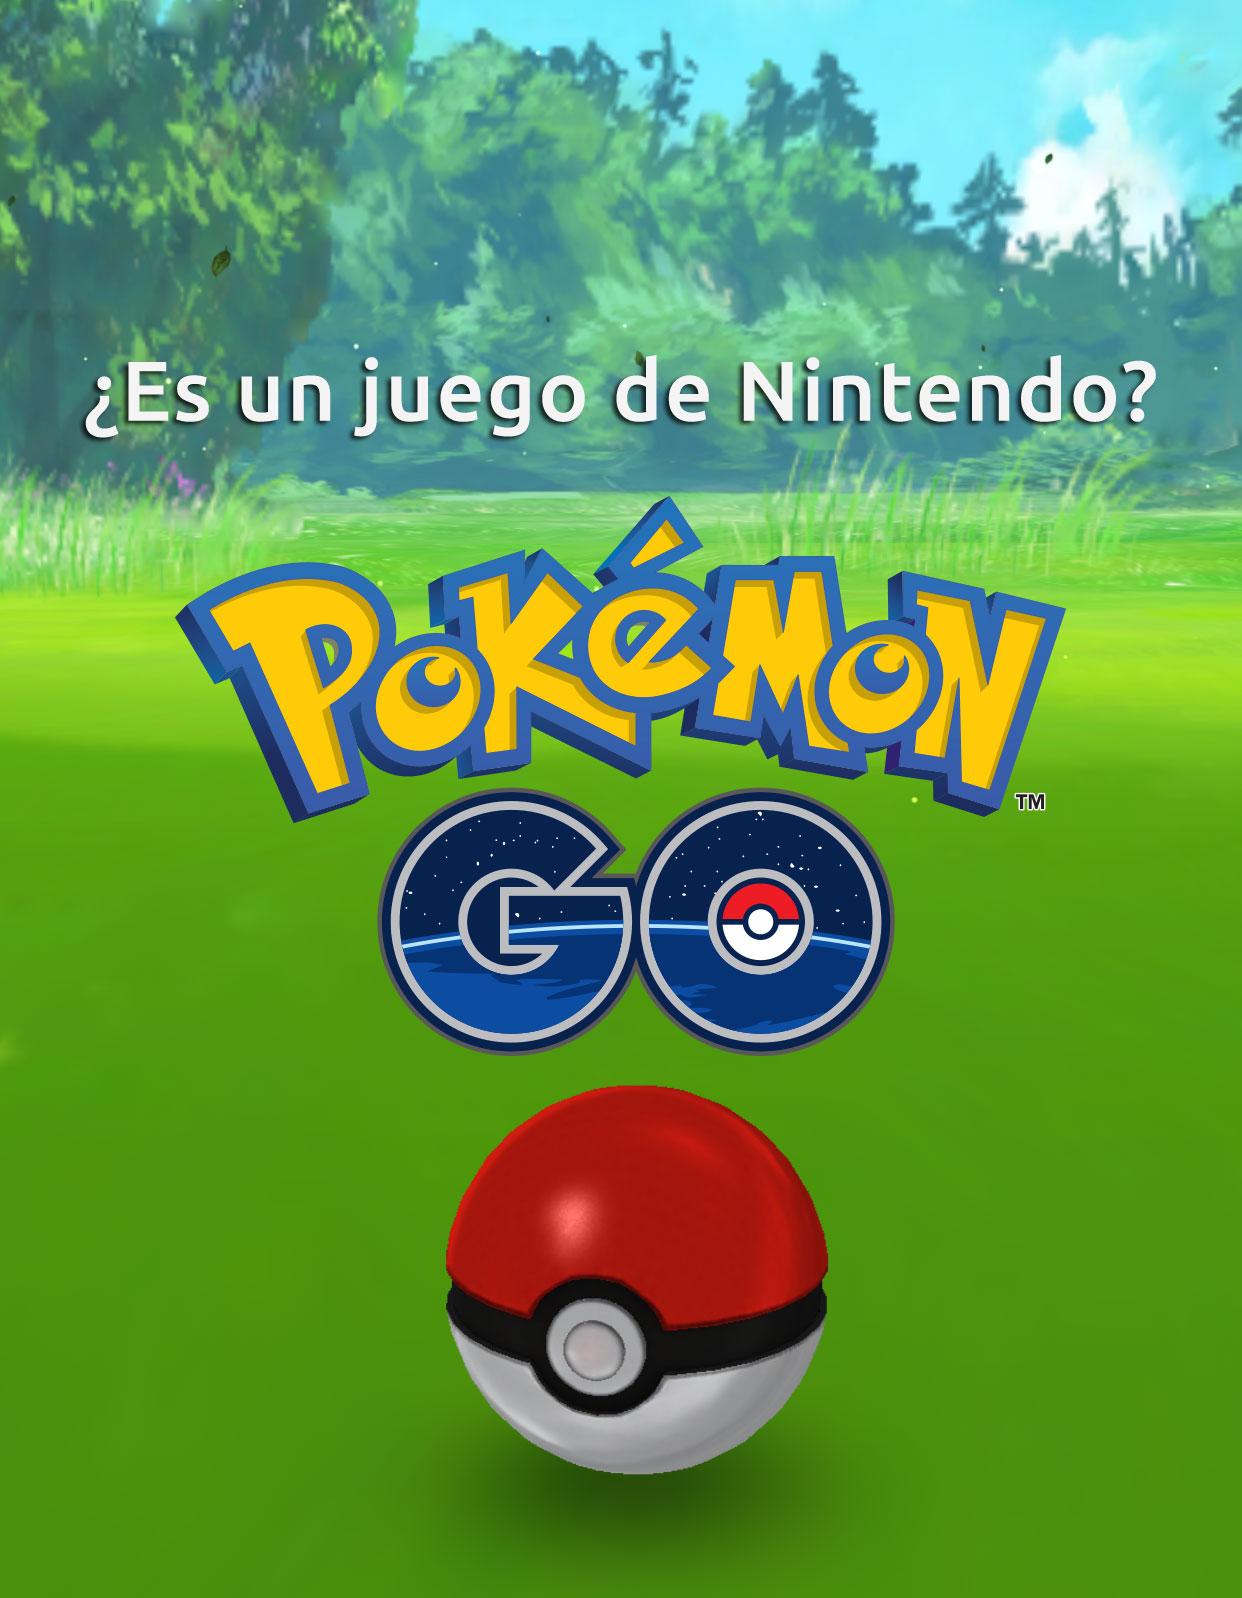 ¿Es Pokémon Go un juego de Nintendo?